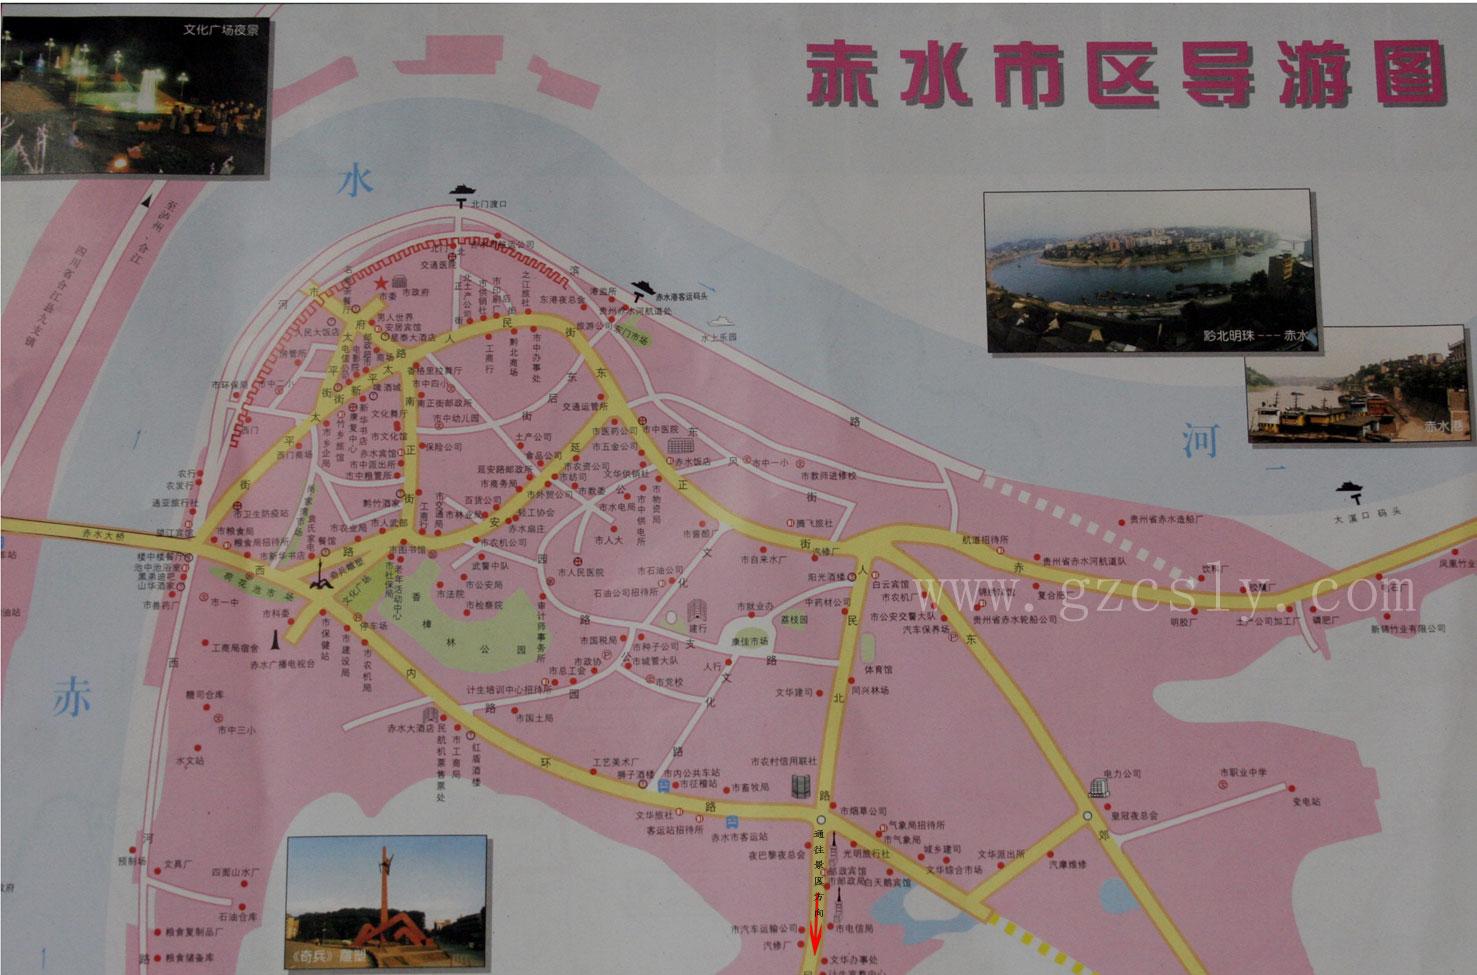 贵州省赤水市区图_遵义市地图查询